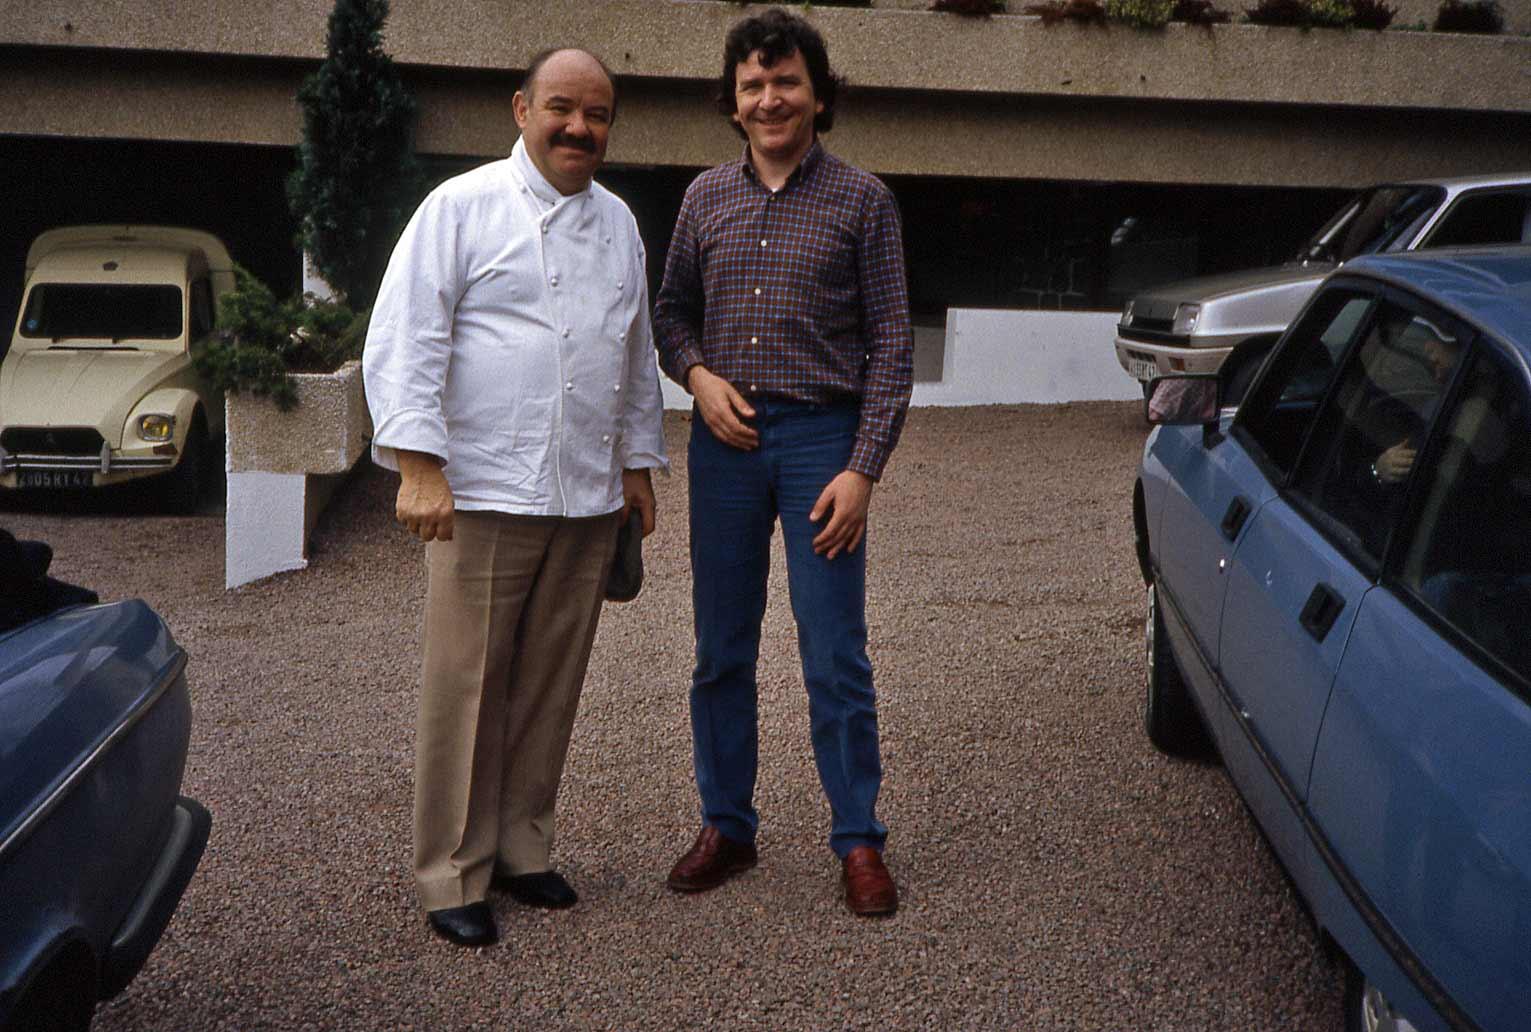 Pierre Troisgros de retour du marché - 8 avril 1983 vers 9 heures